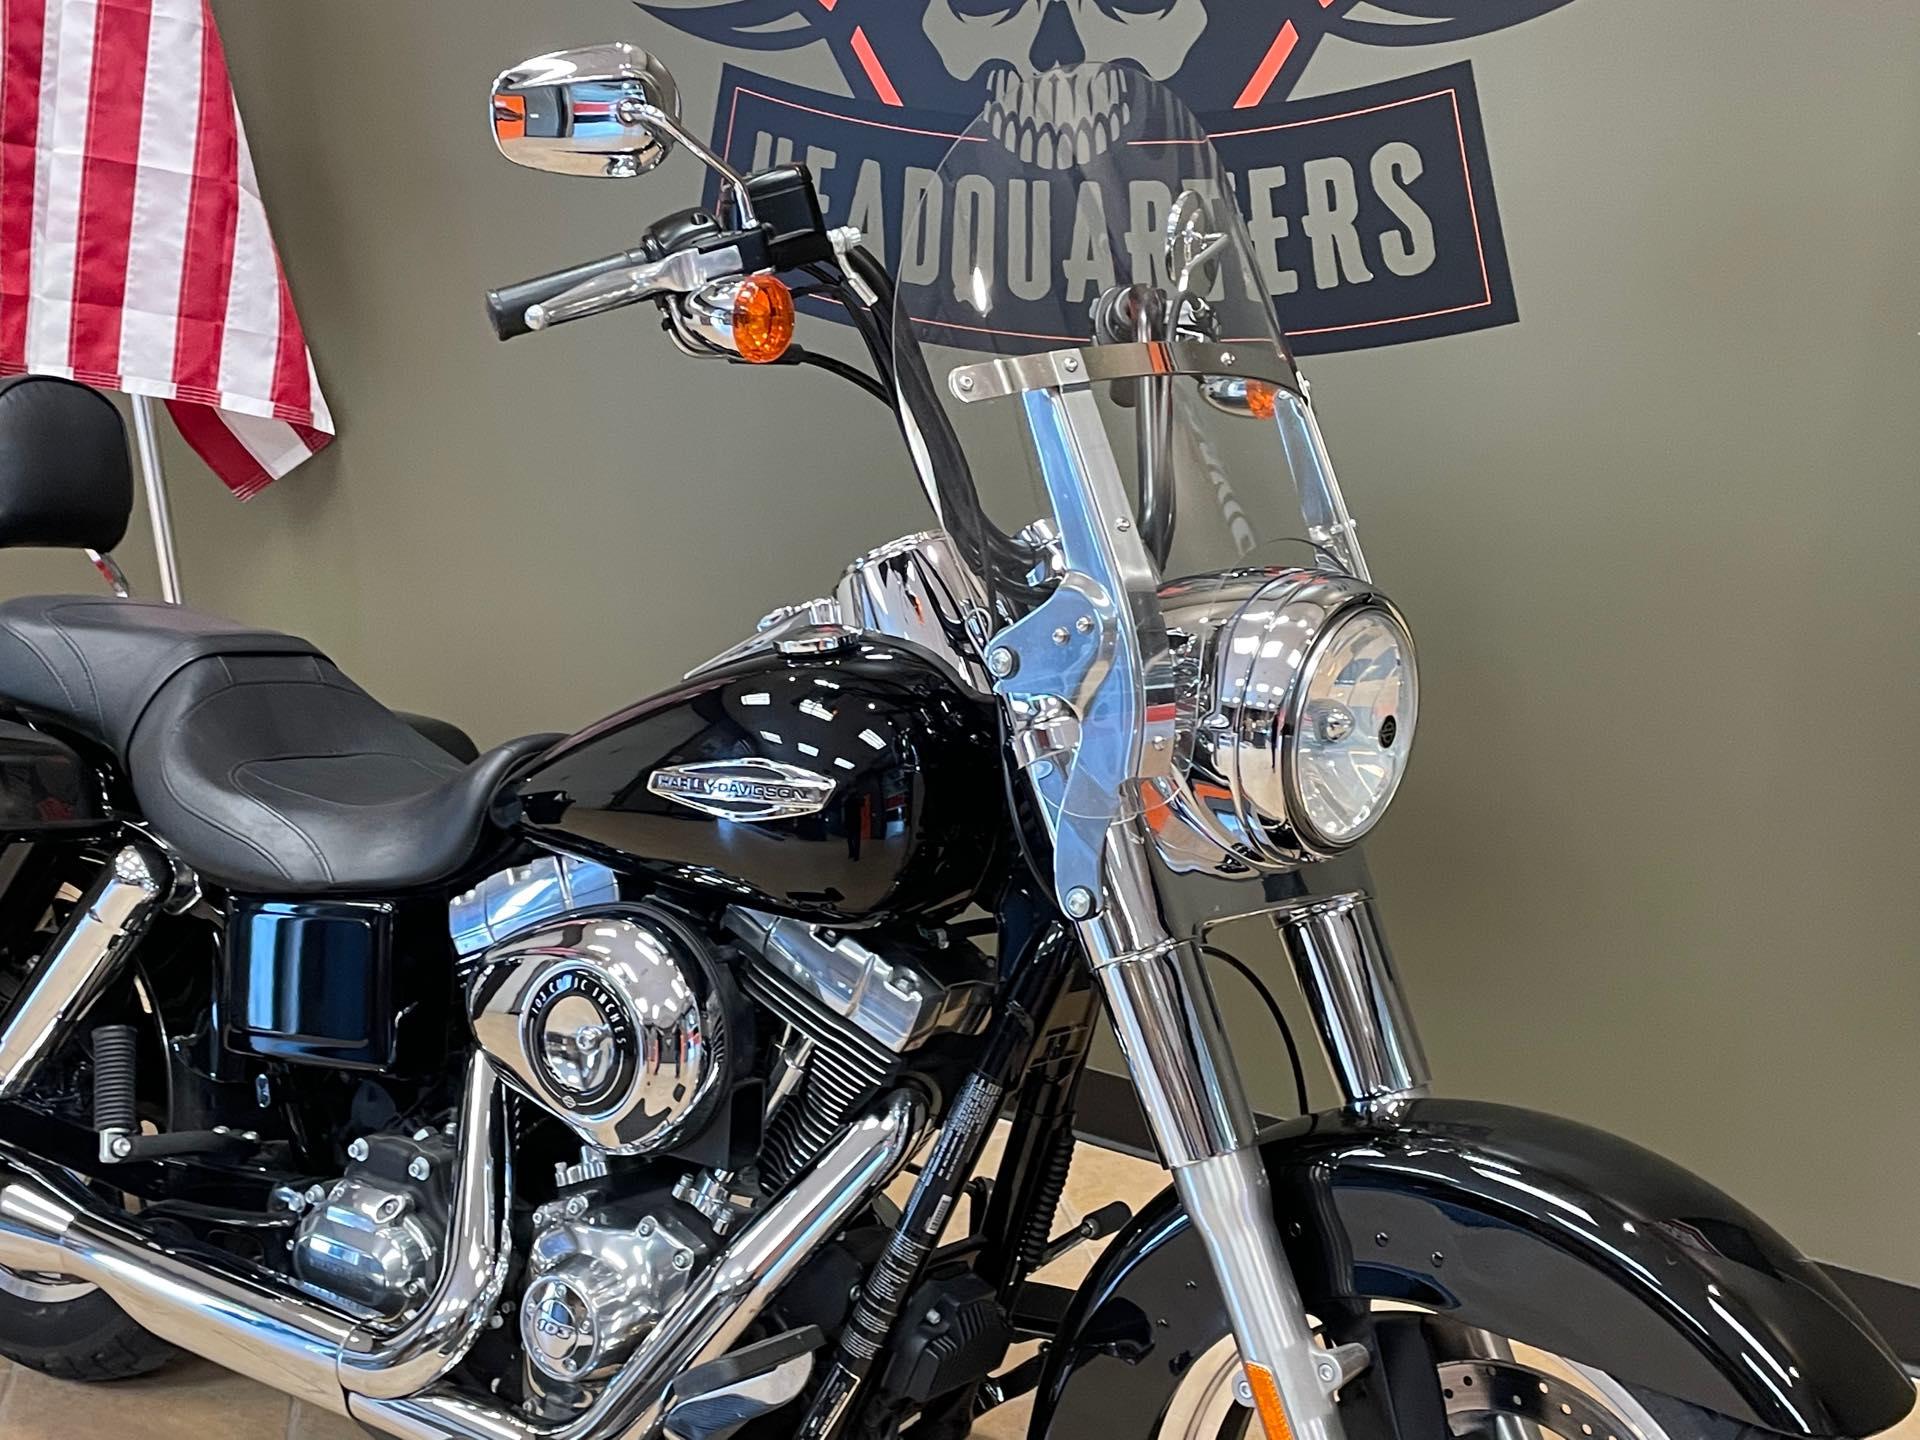 2013 Harley-Davidson Dyna Switchback at Loess Hills Harley-Davidson